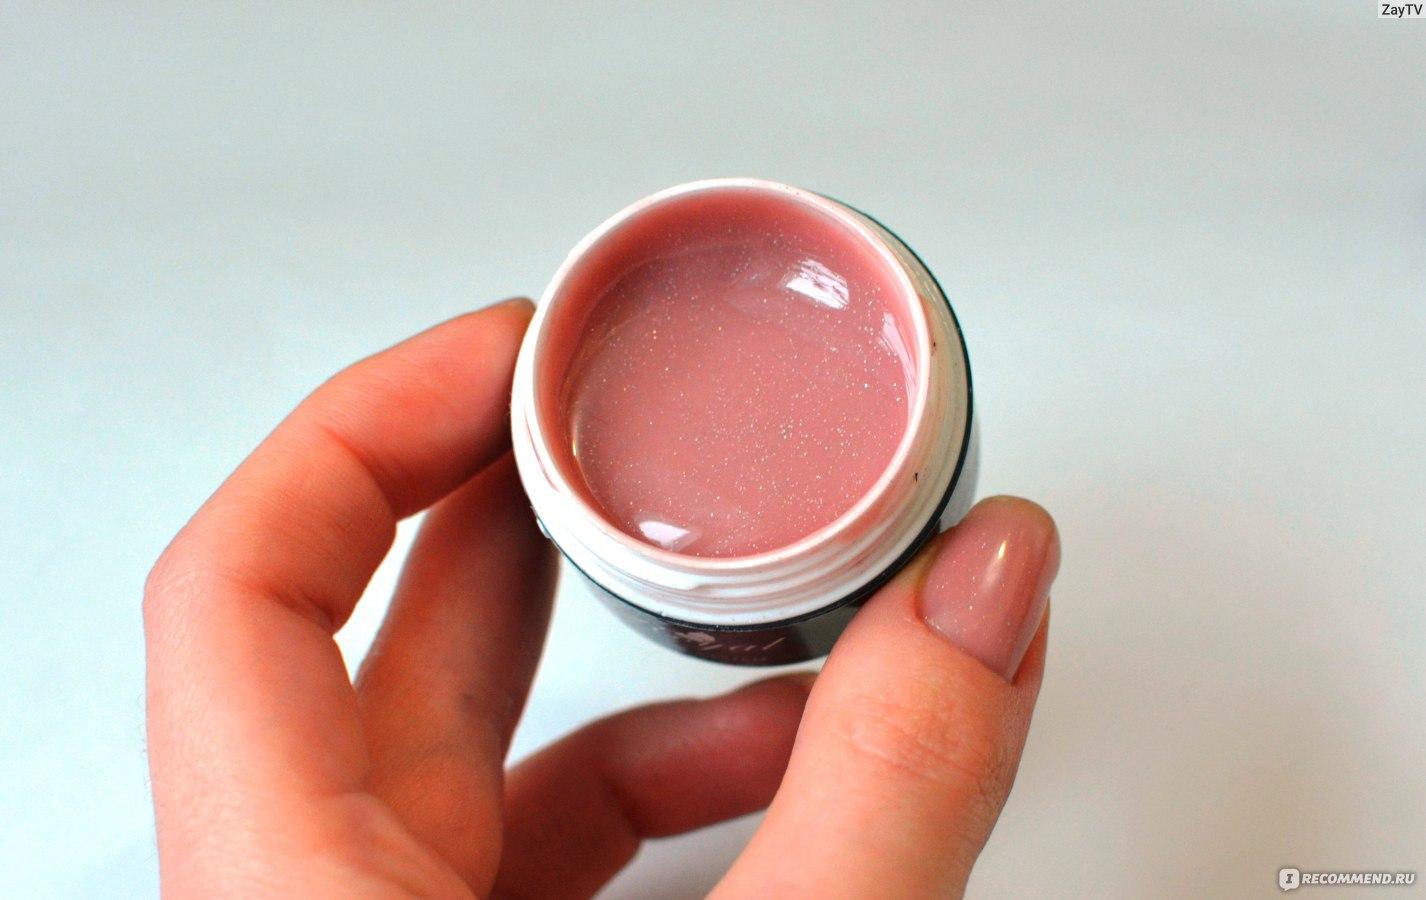 Розовый гель для наращивания ногтей фото